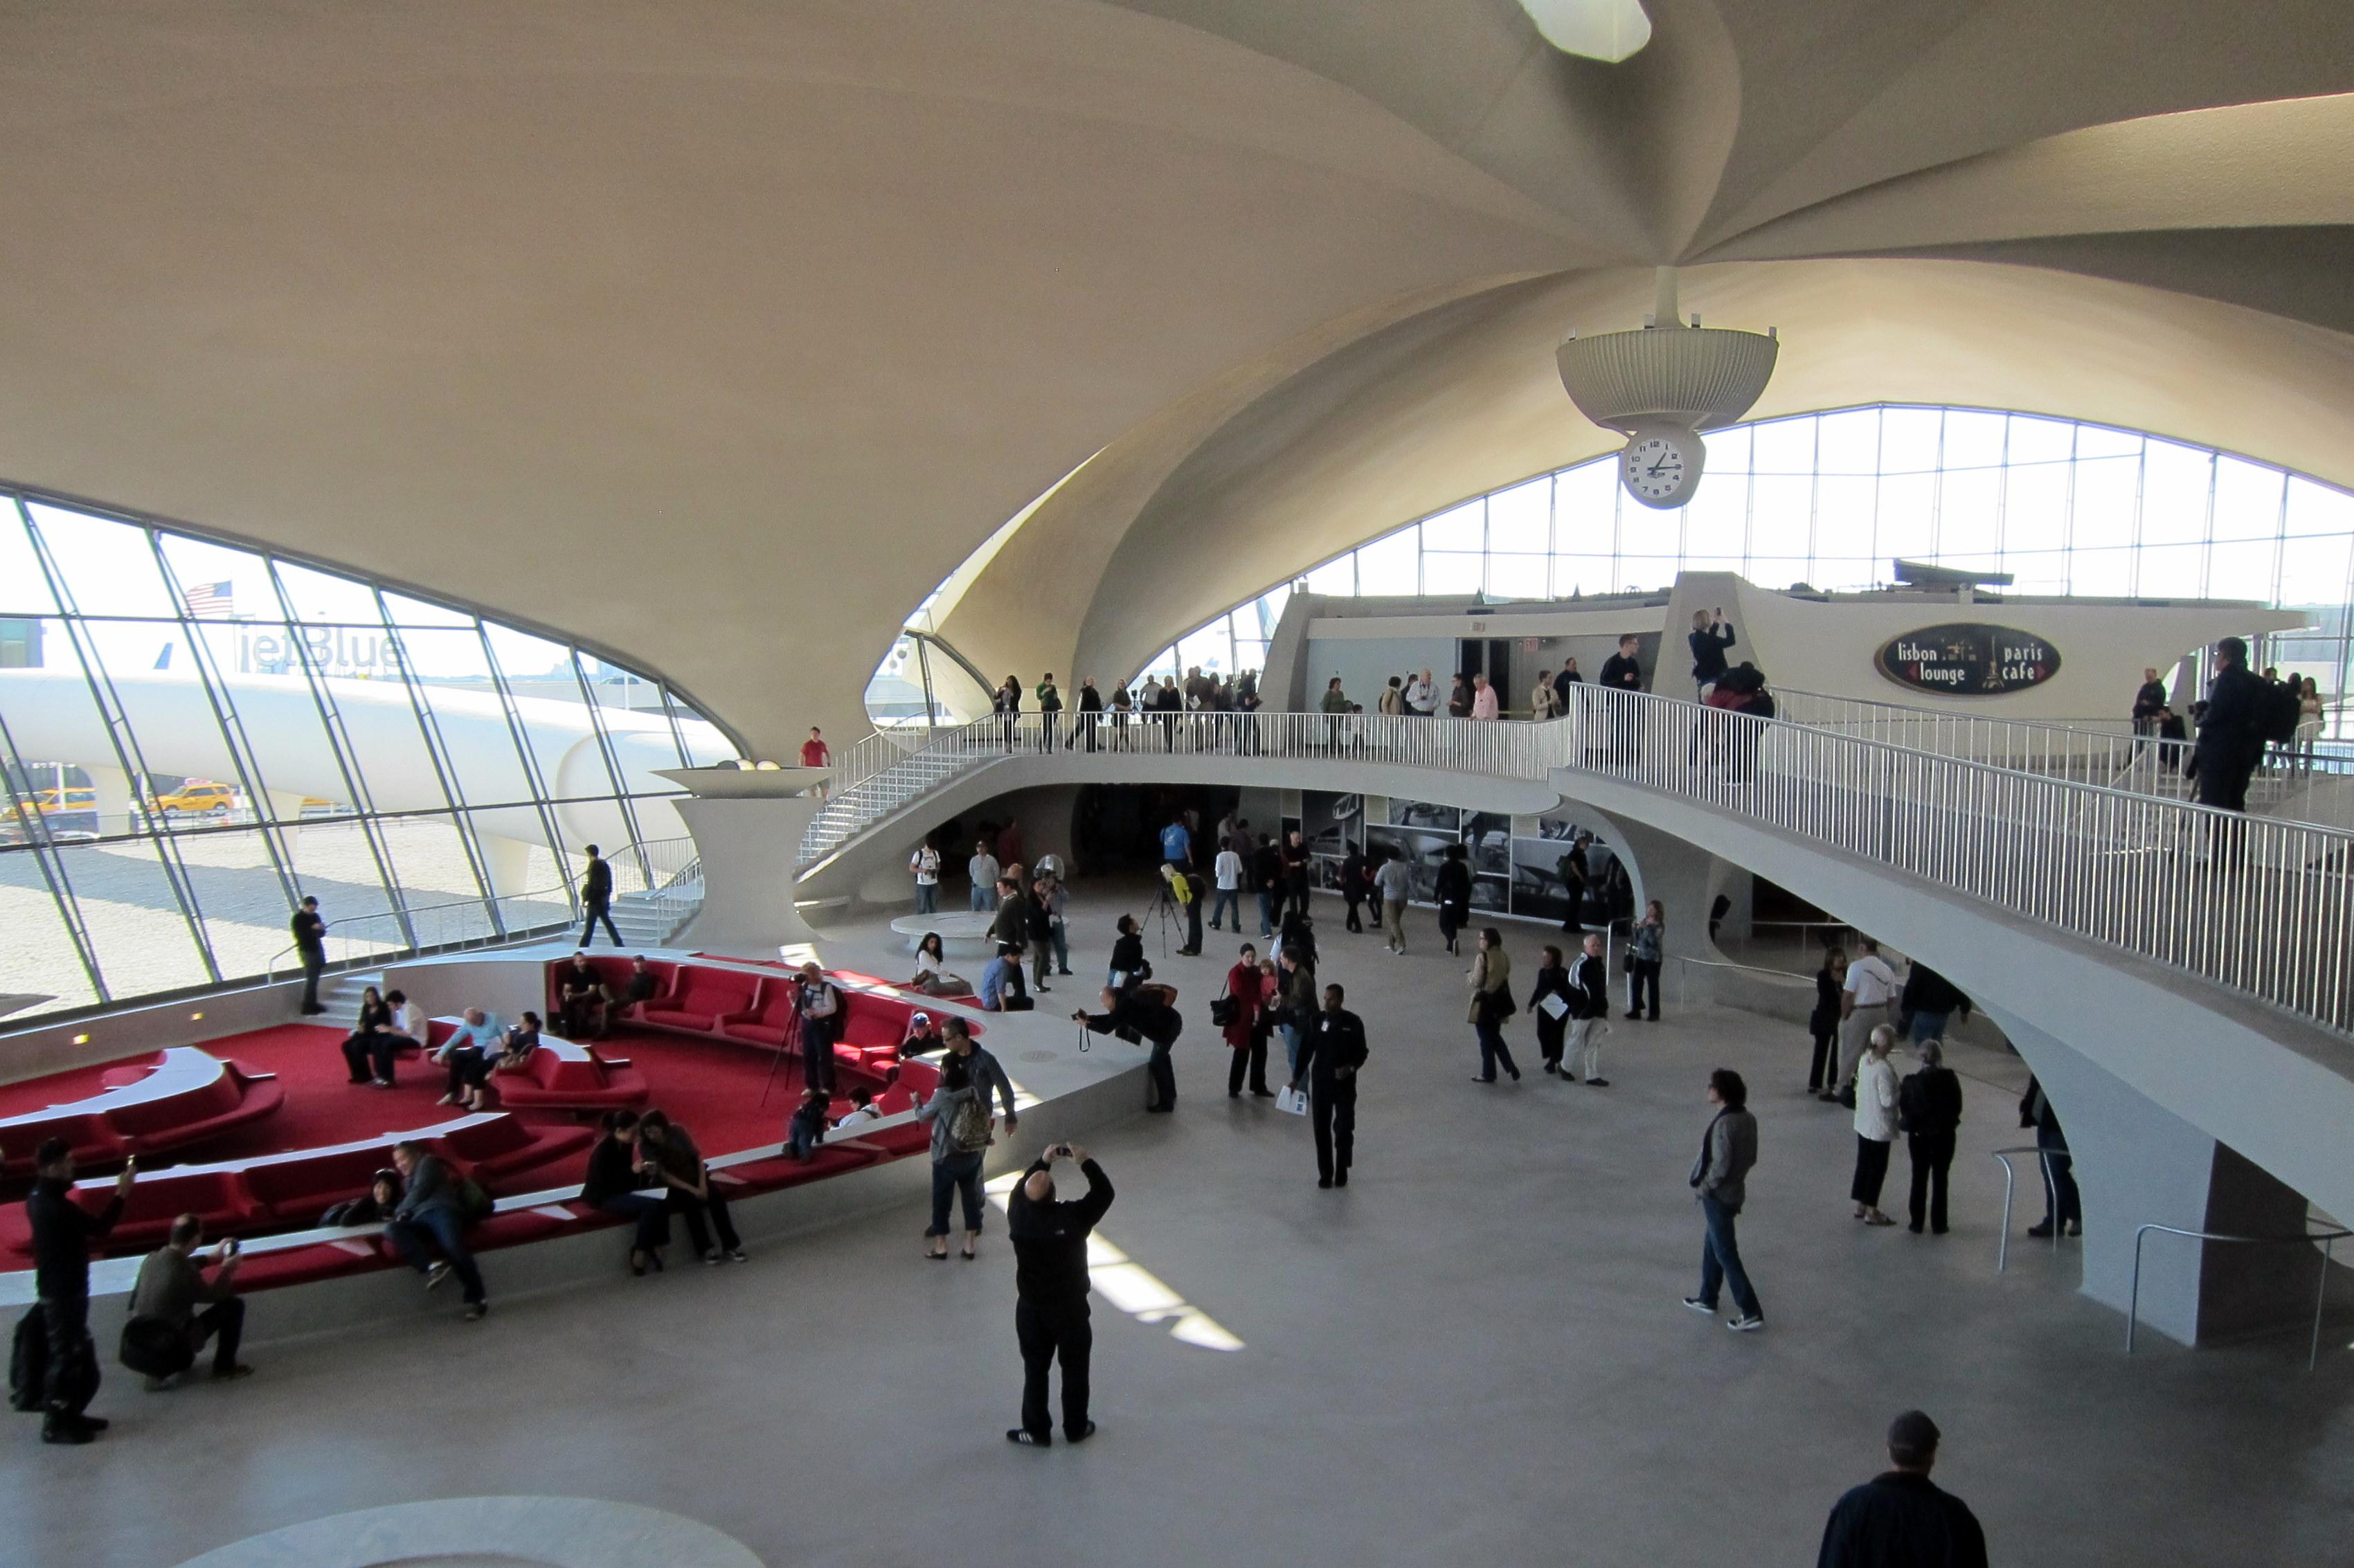 TWA JFK Airport